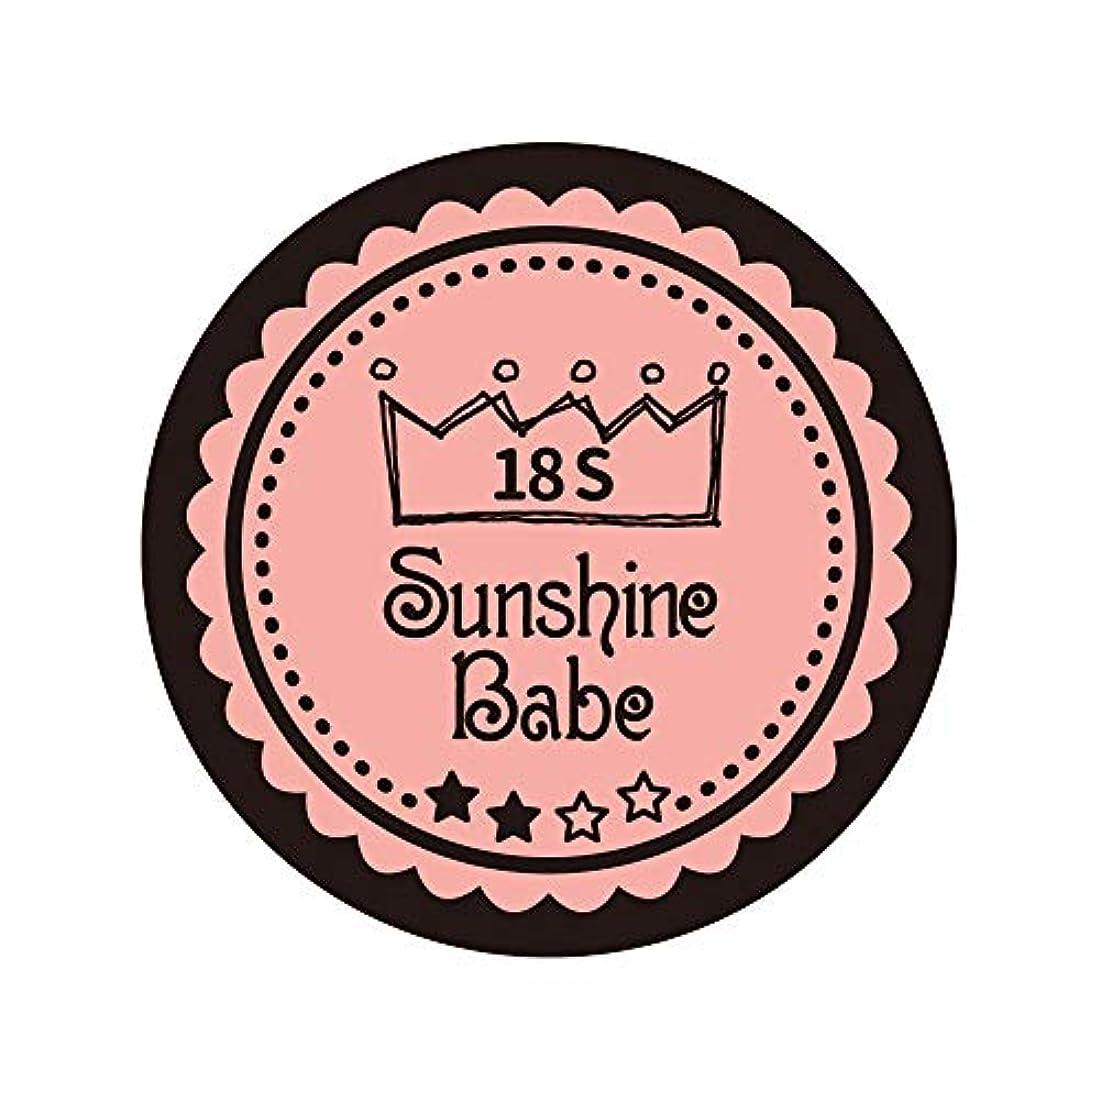 宴会避難条約Sunshine Babe コスメティックカラー 18S ロマンティックベリー 4g UV/LED対応